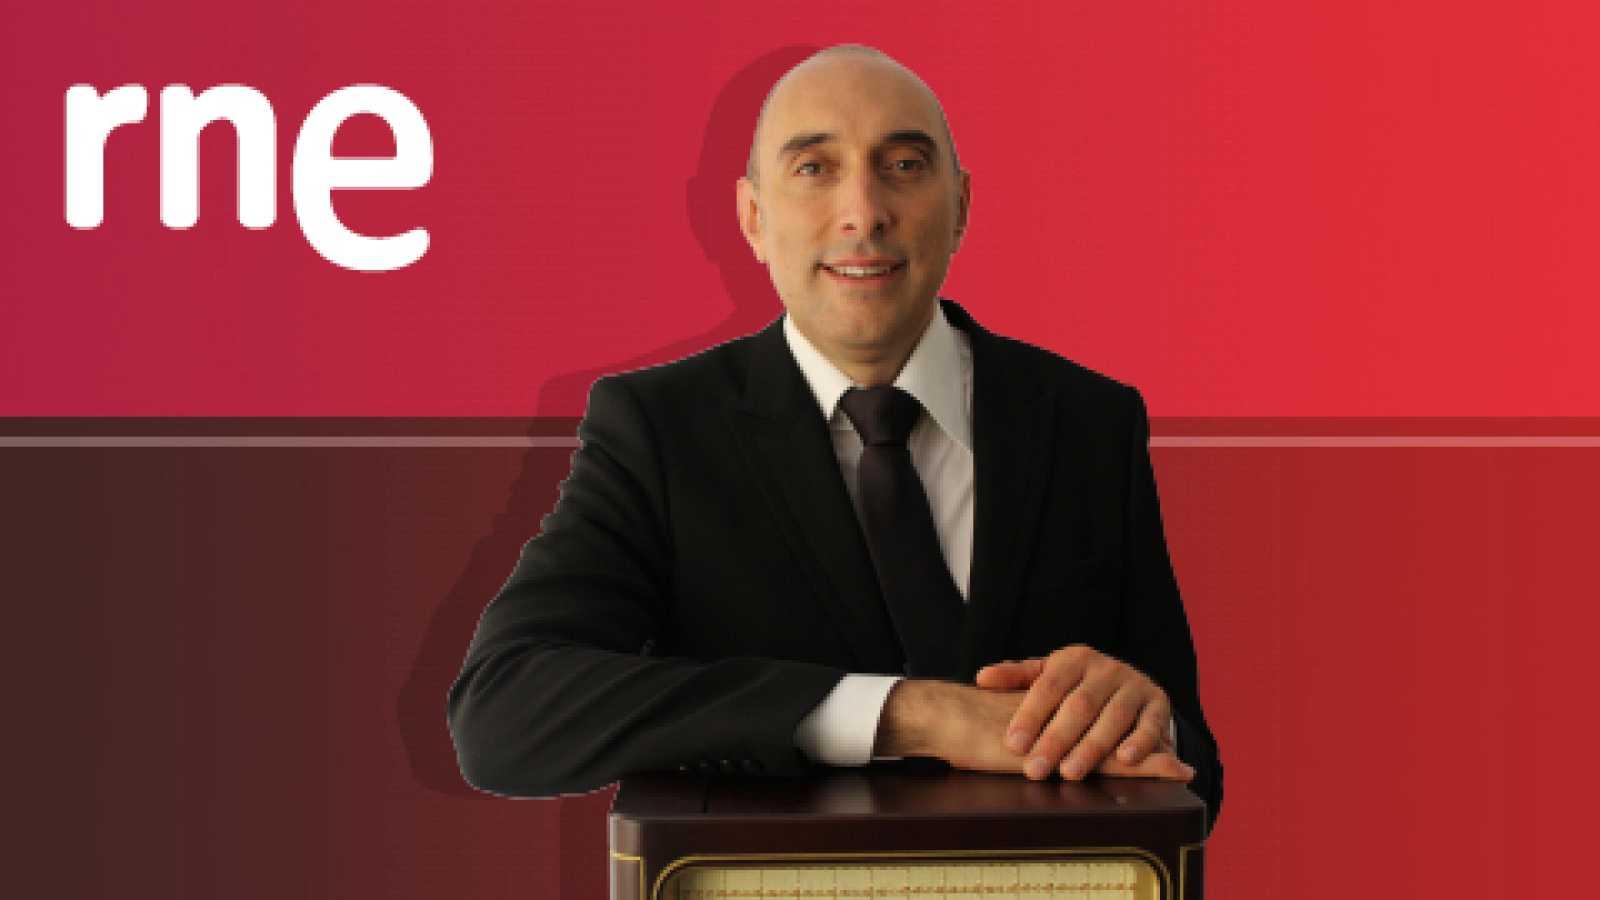 RAFAEL ROBAINA, candidato a rector de la Universidad de Las Palmas de Gran Canaria - Escuchar ahora